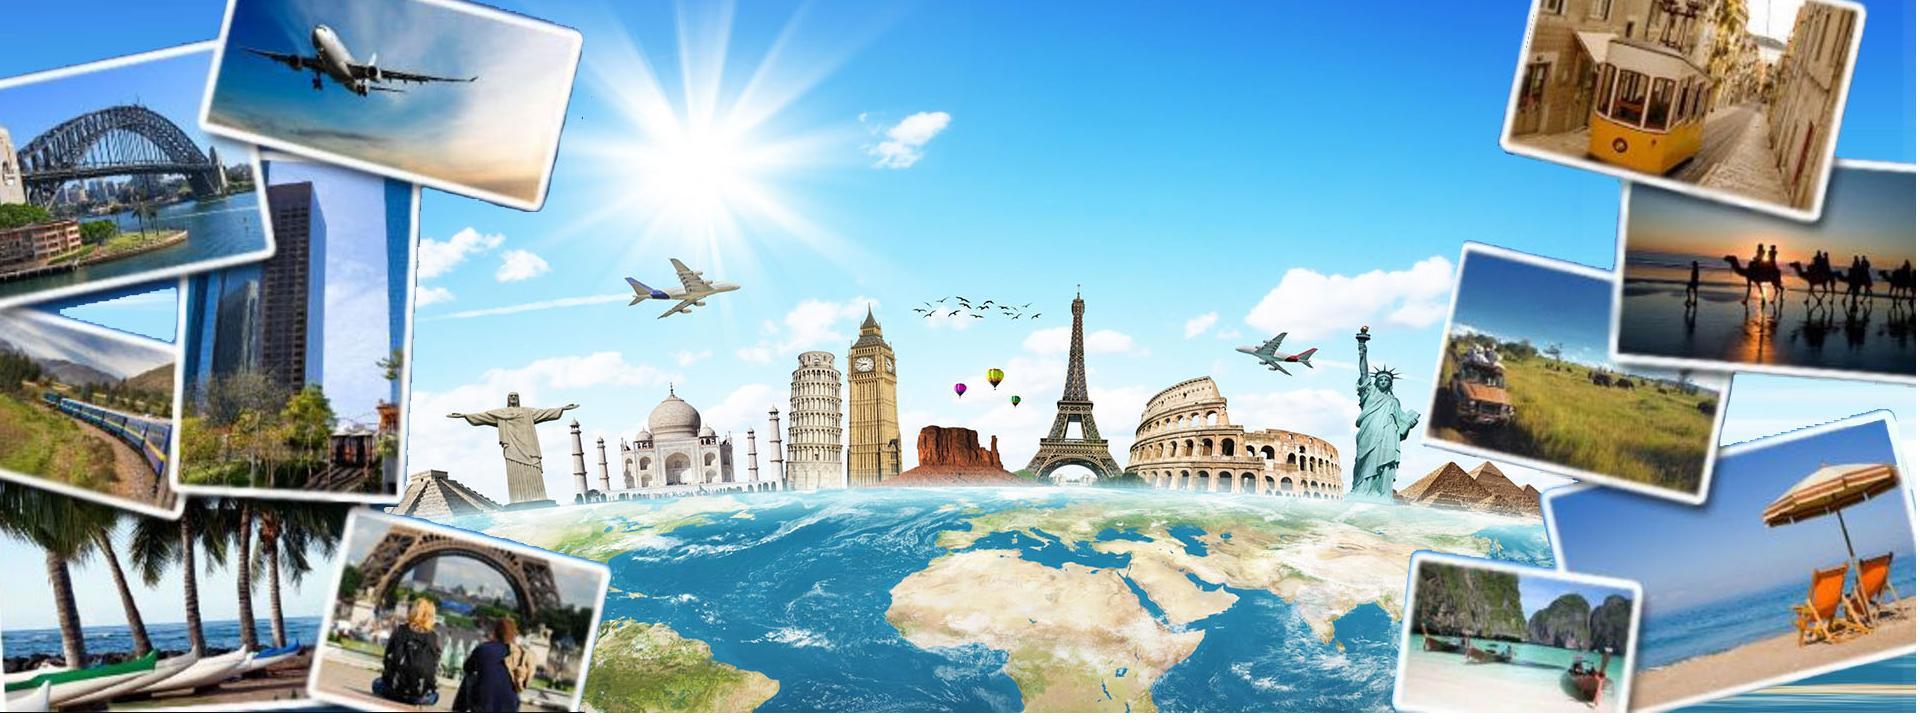 Utazz és foglalj szállást, Tiéd az egész világ!